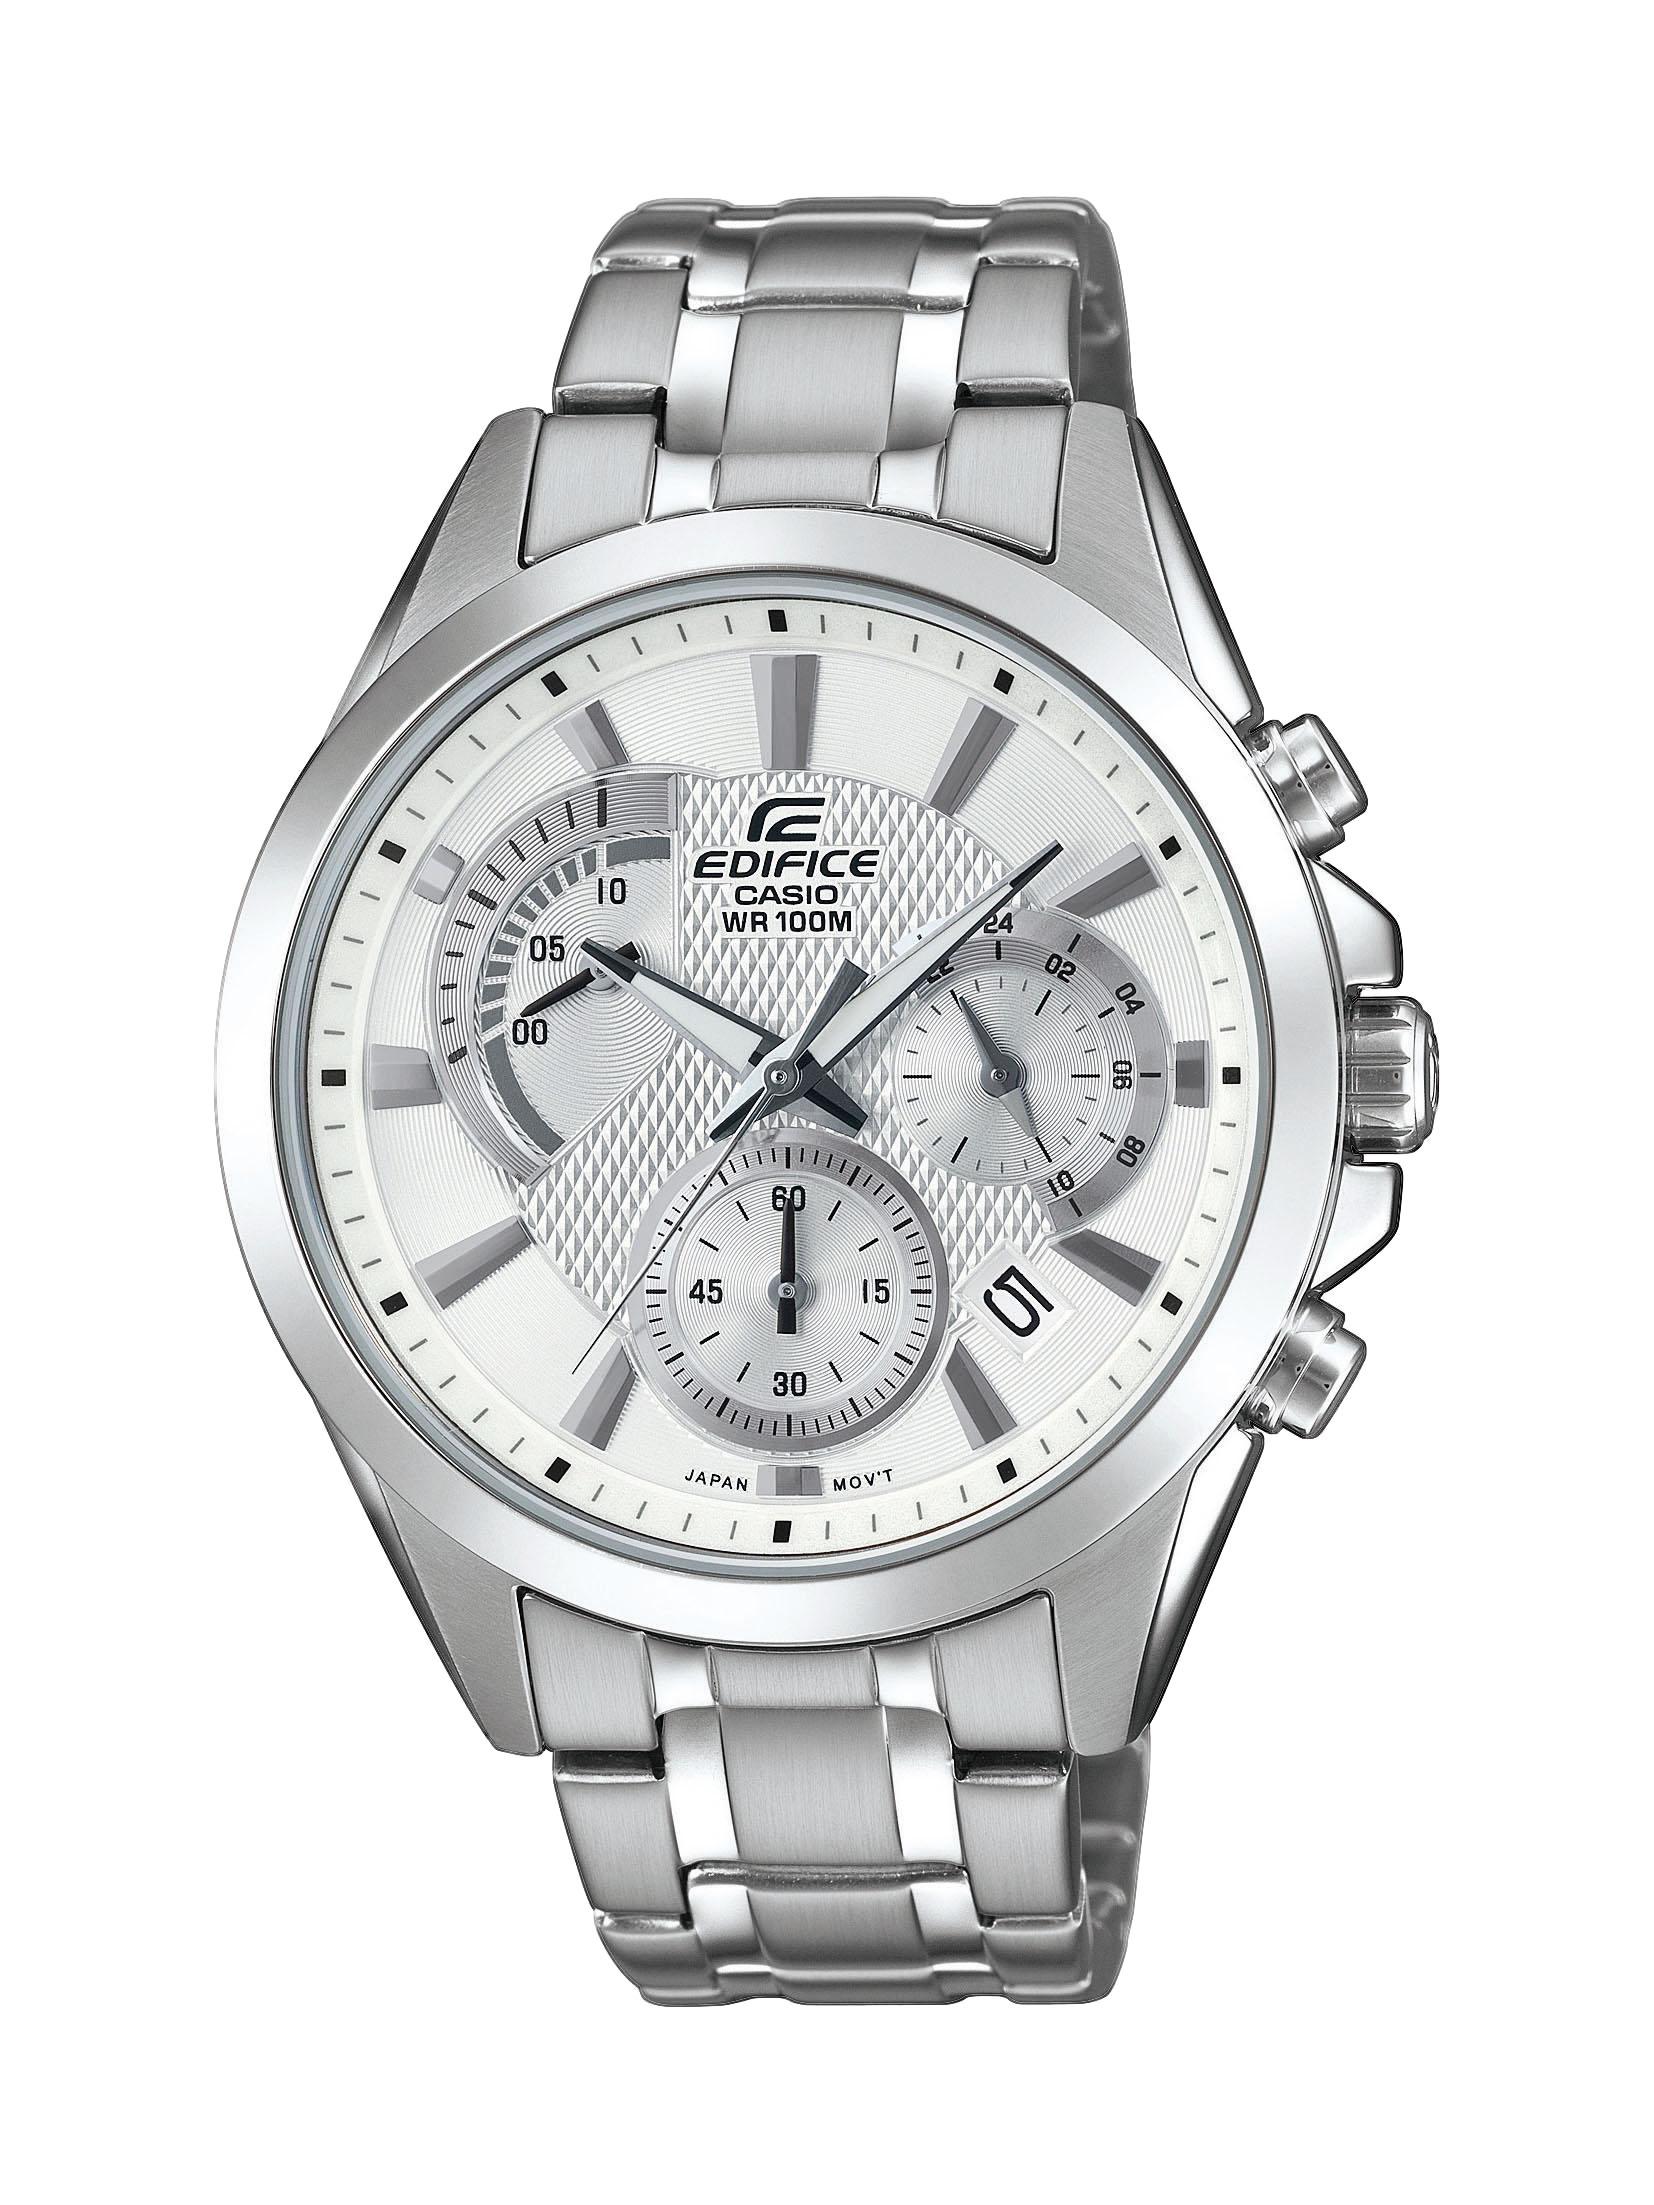 Ρολόι Casio Edifice Clasic EFV-580D-7AVUEF